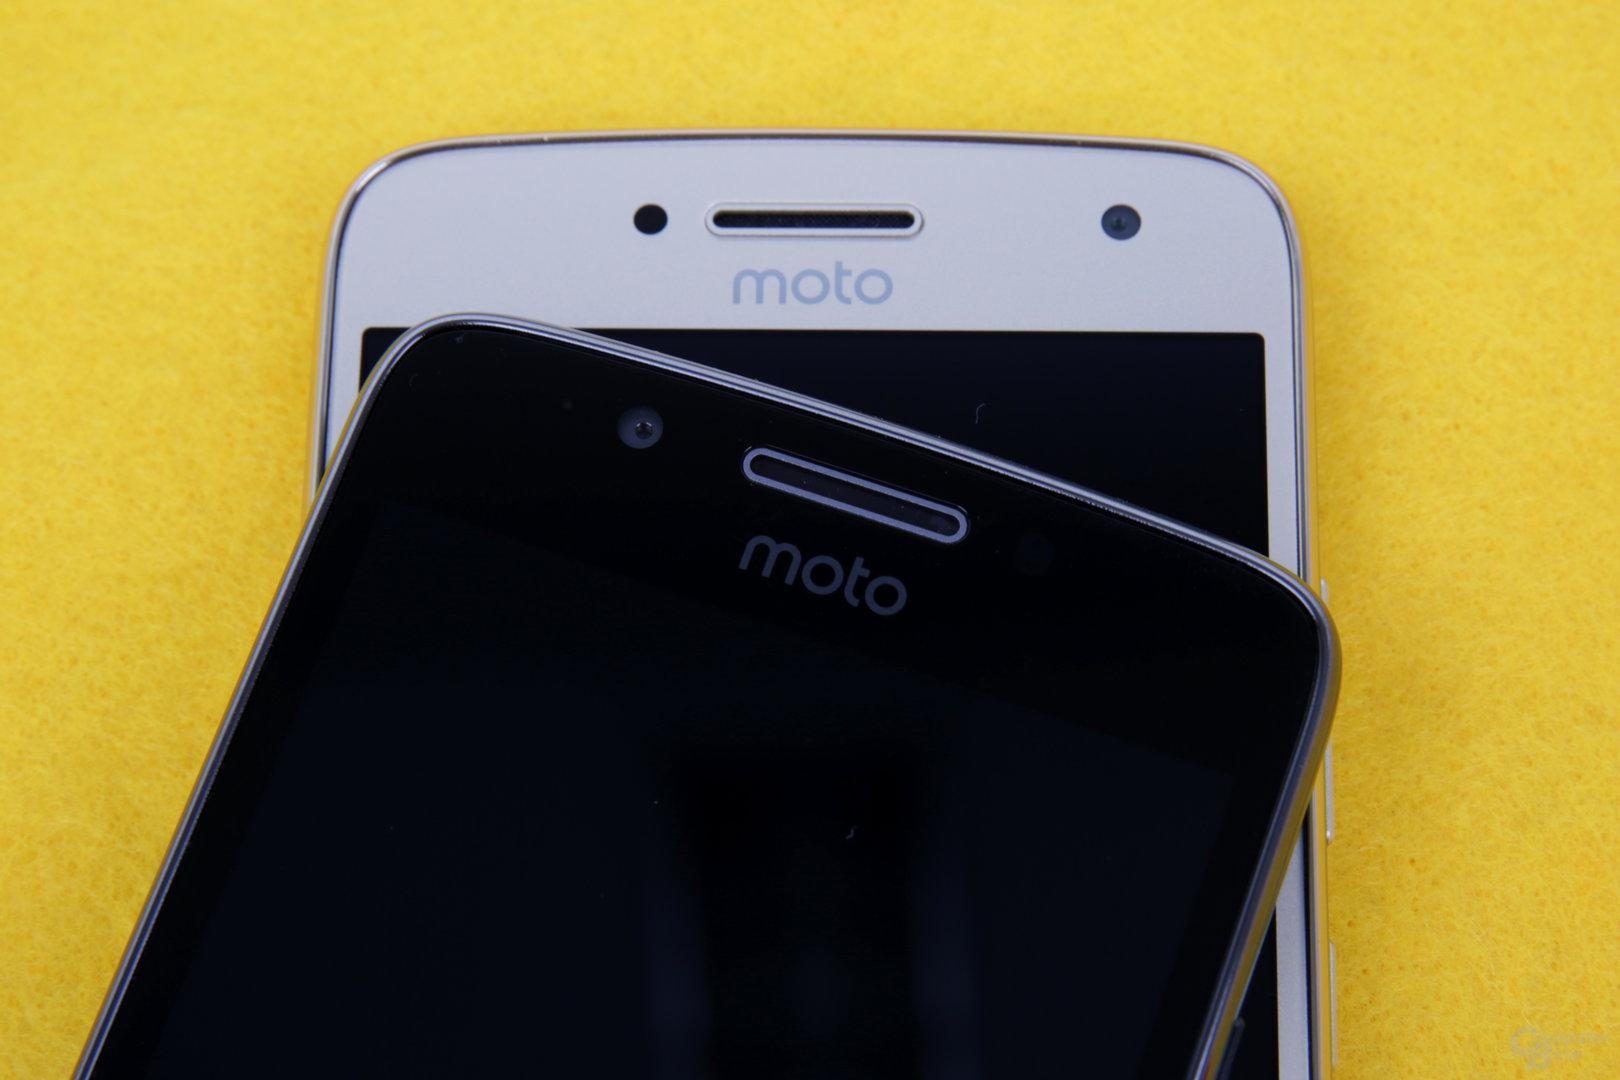 Moto-Logo auf beiden Vorderseiten